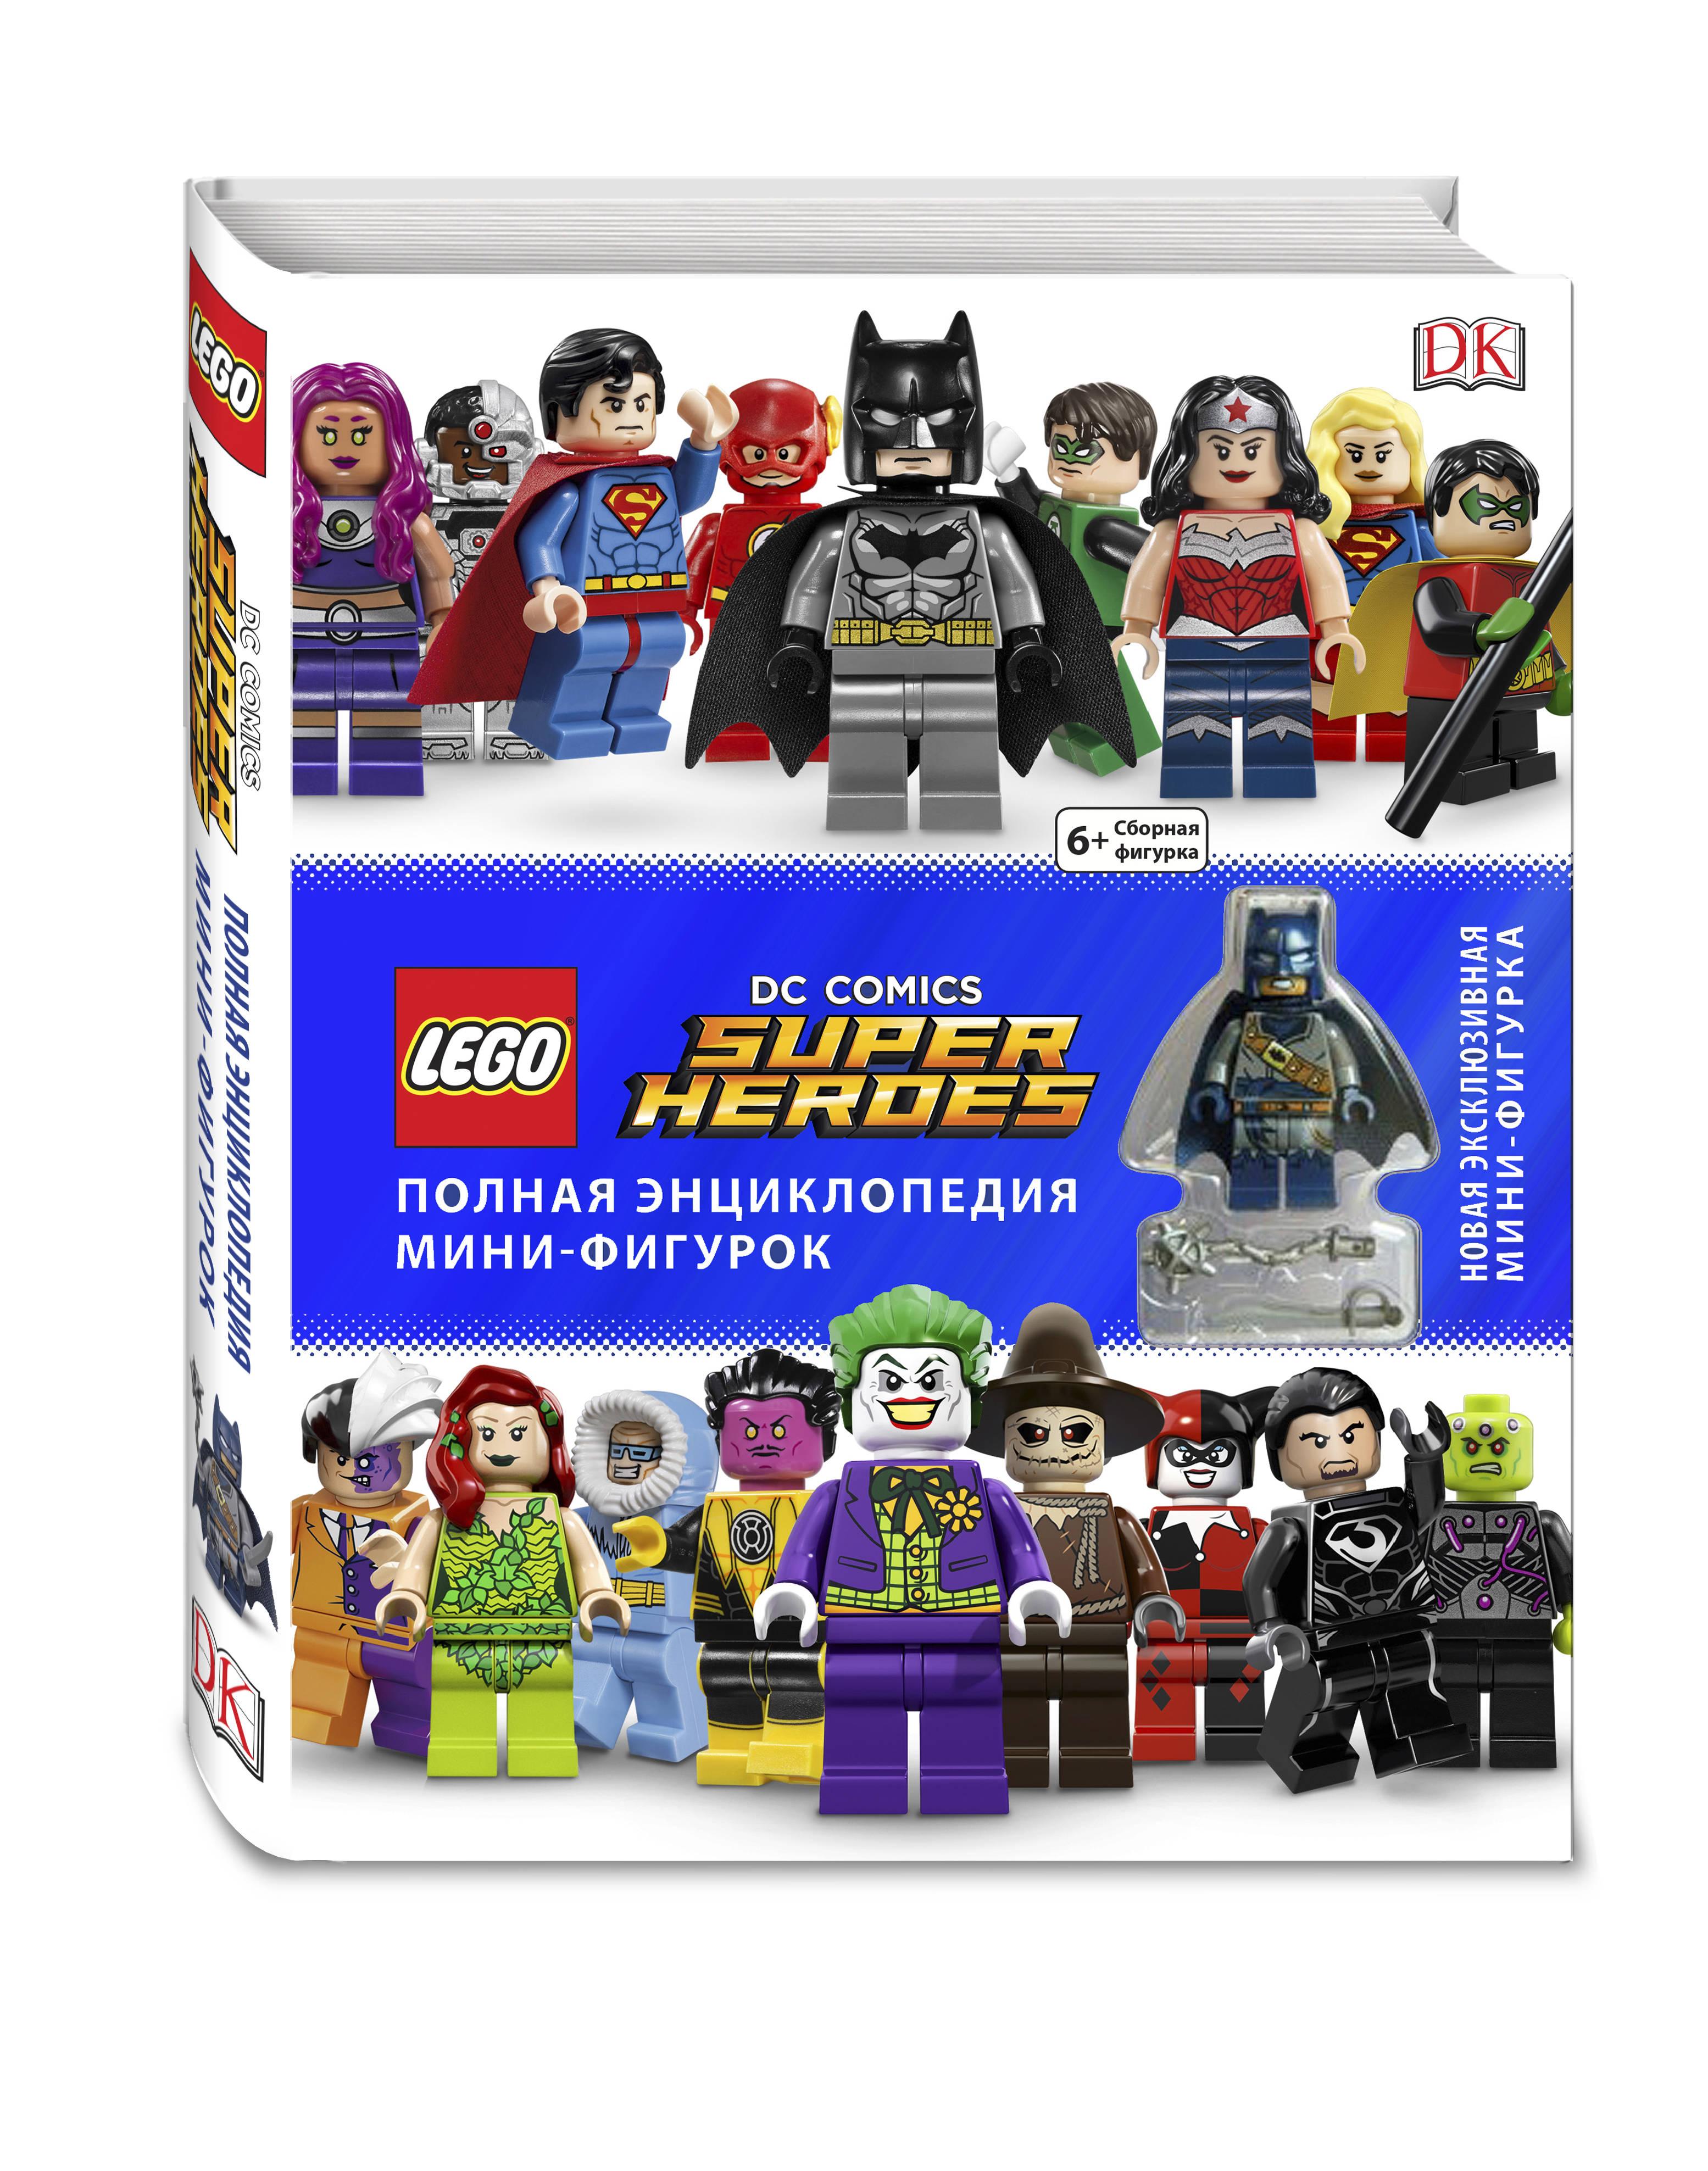 LEGO DC Comics. Полная энциклопедия мини-фигурок (+ эксклюзивная мини-фигурка) эксмо полная энциклопедия мини фигурок lego dc comics эксклюзивная мини фигурка